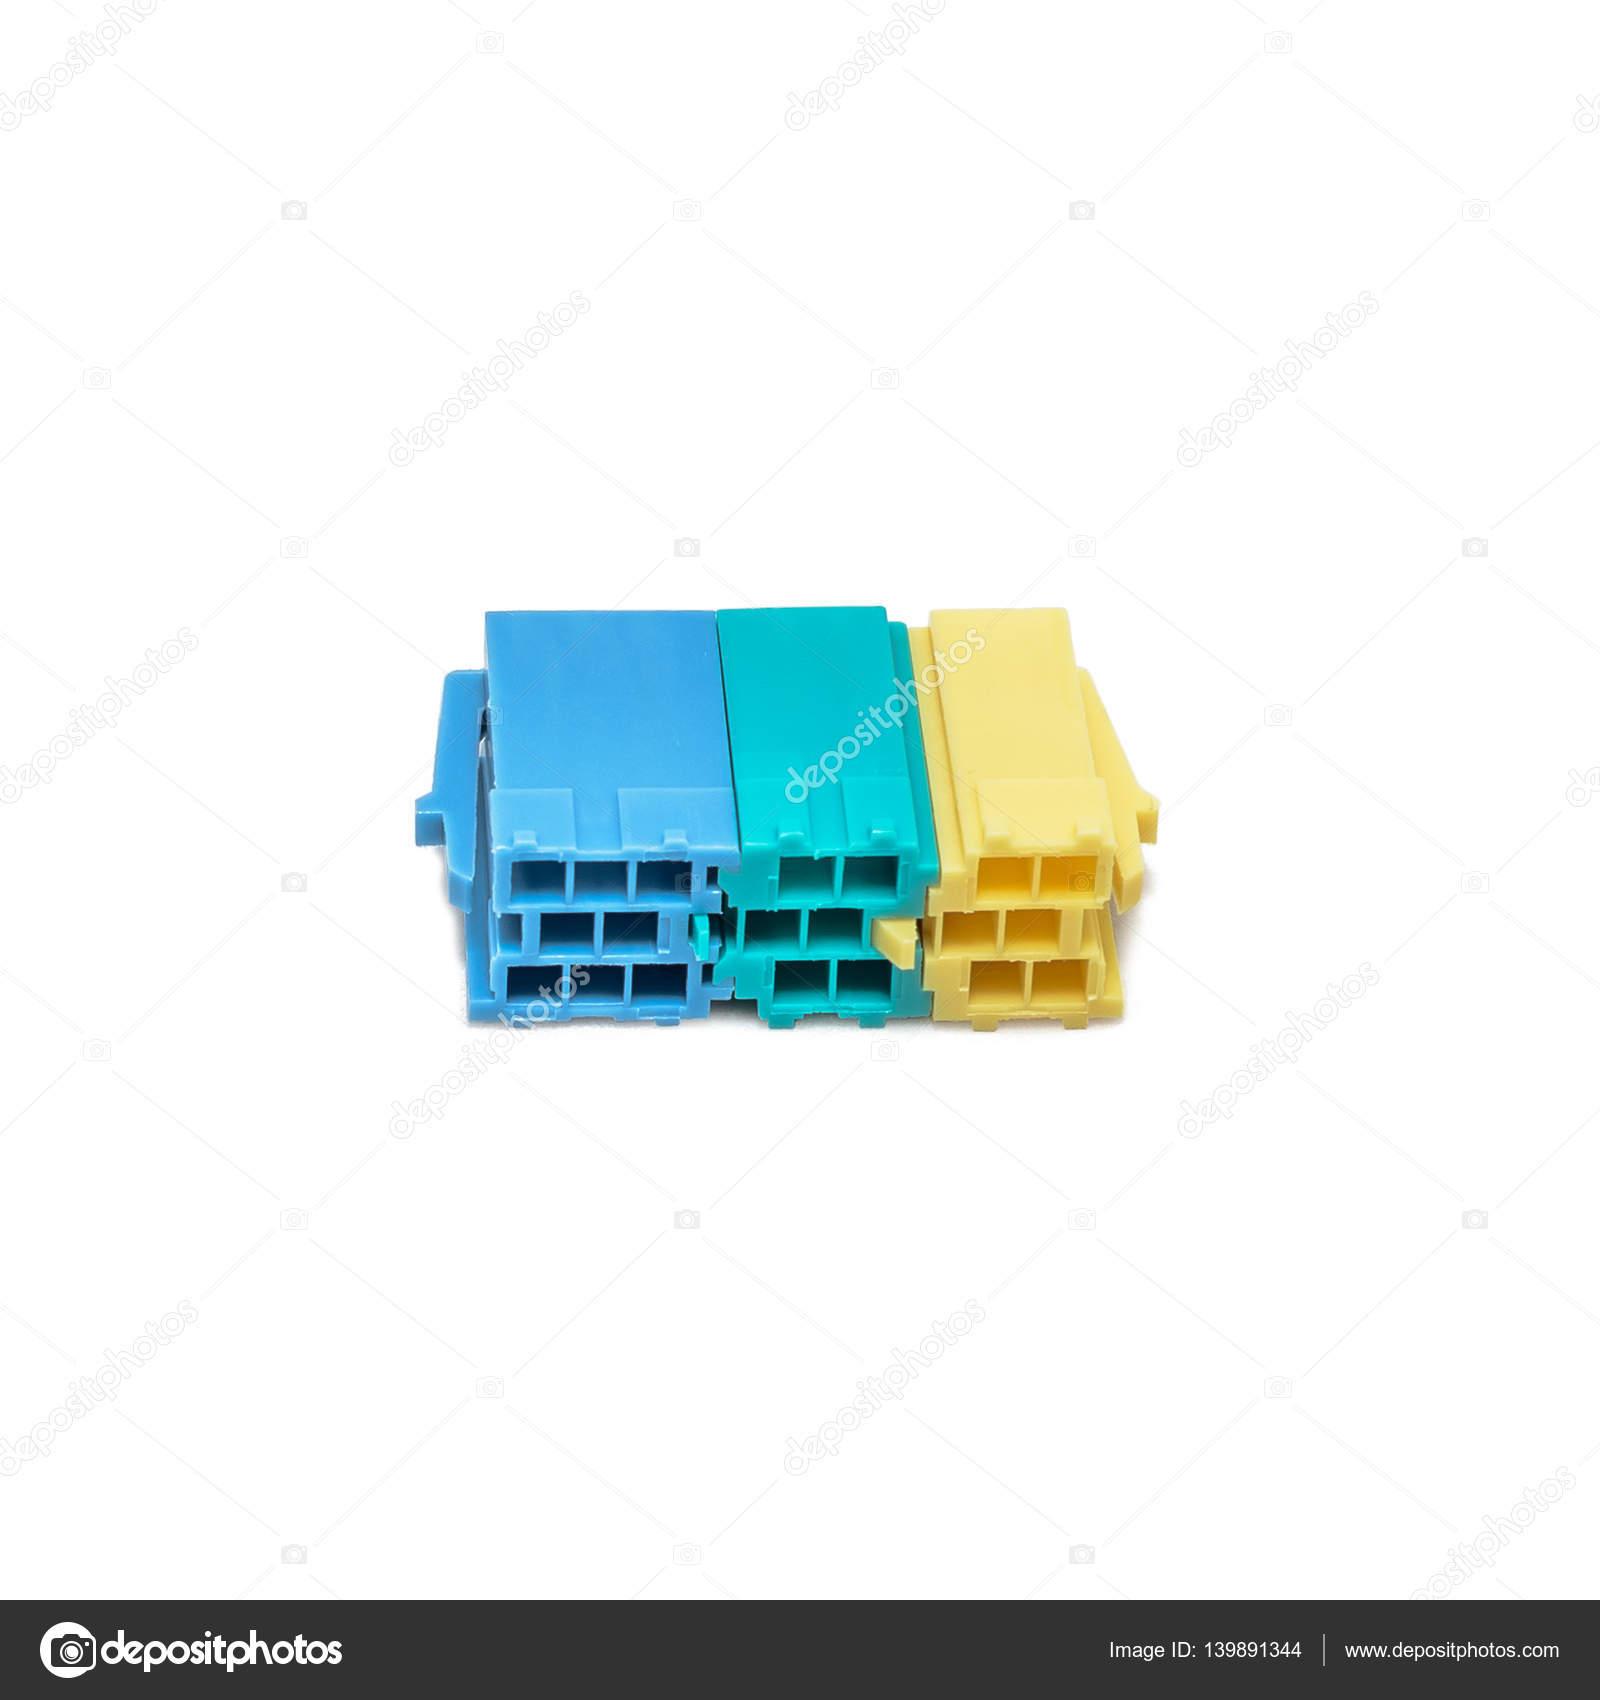 lectrique aux c bles connecteurs mini iso auto voiture avec fond blanc photographie ru foto. Black Bedroom Furniture Sets. Home Design Ideas